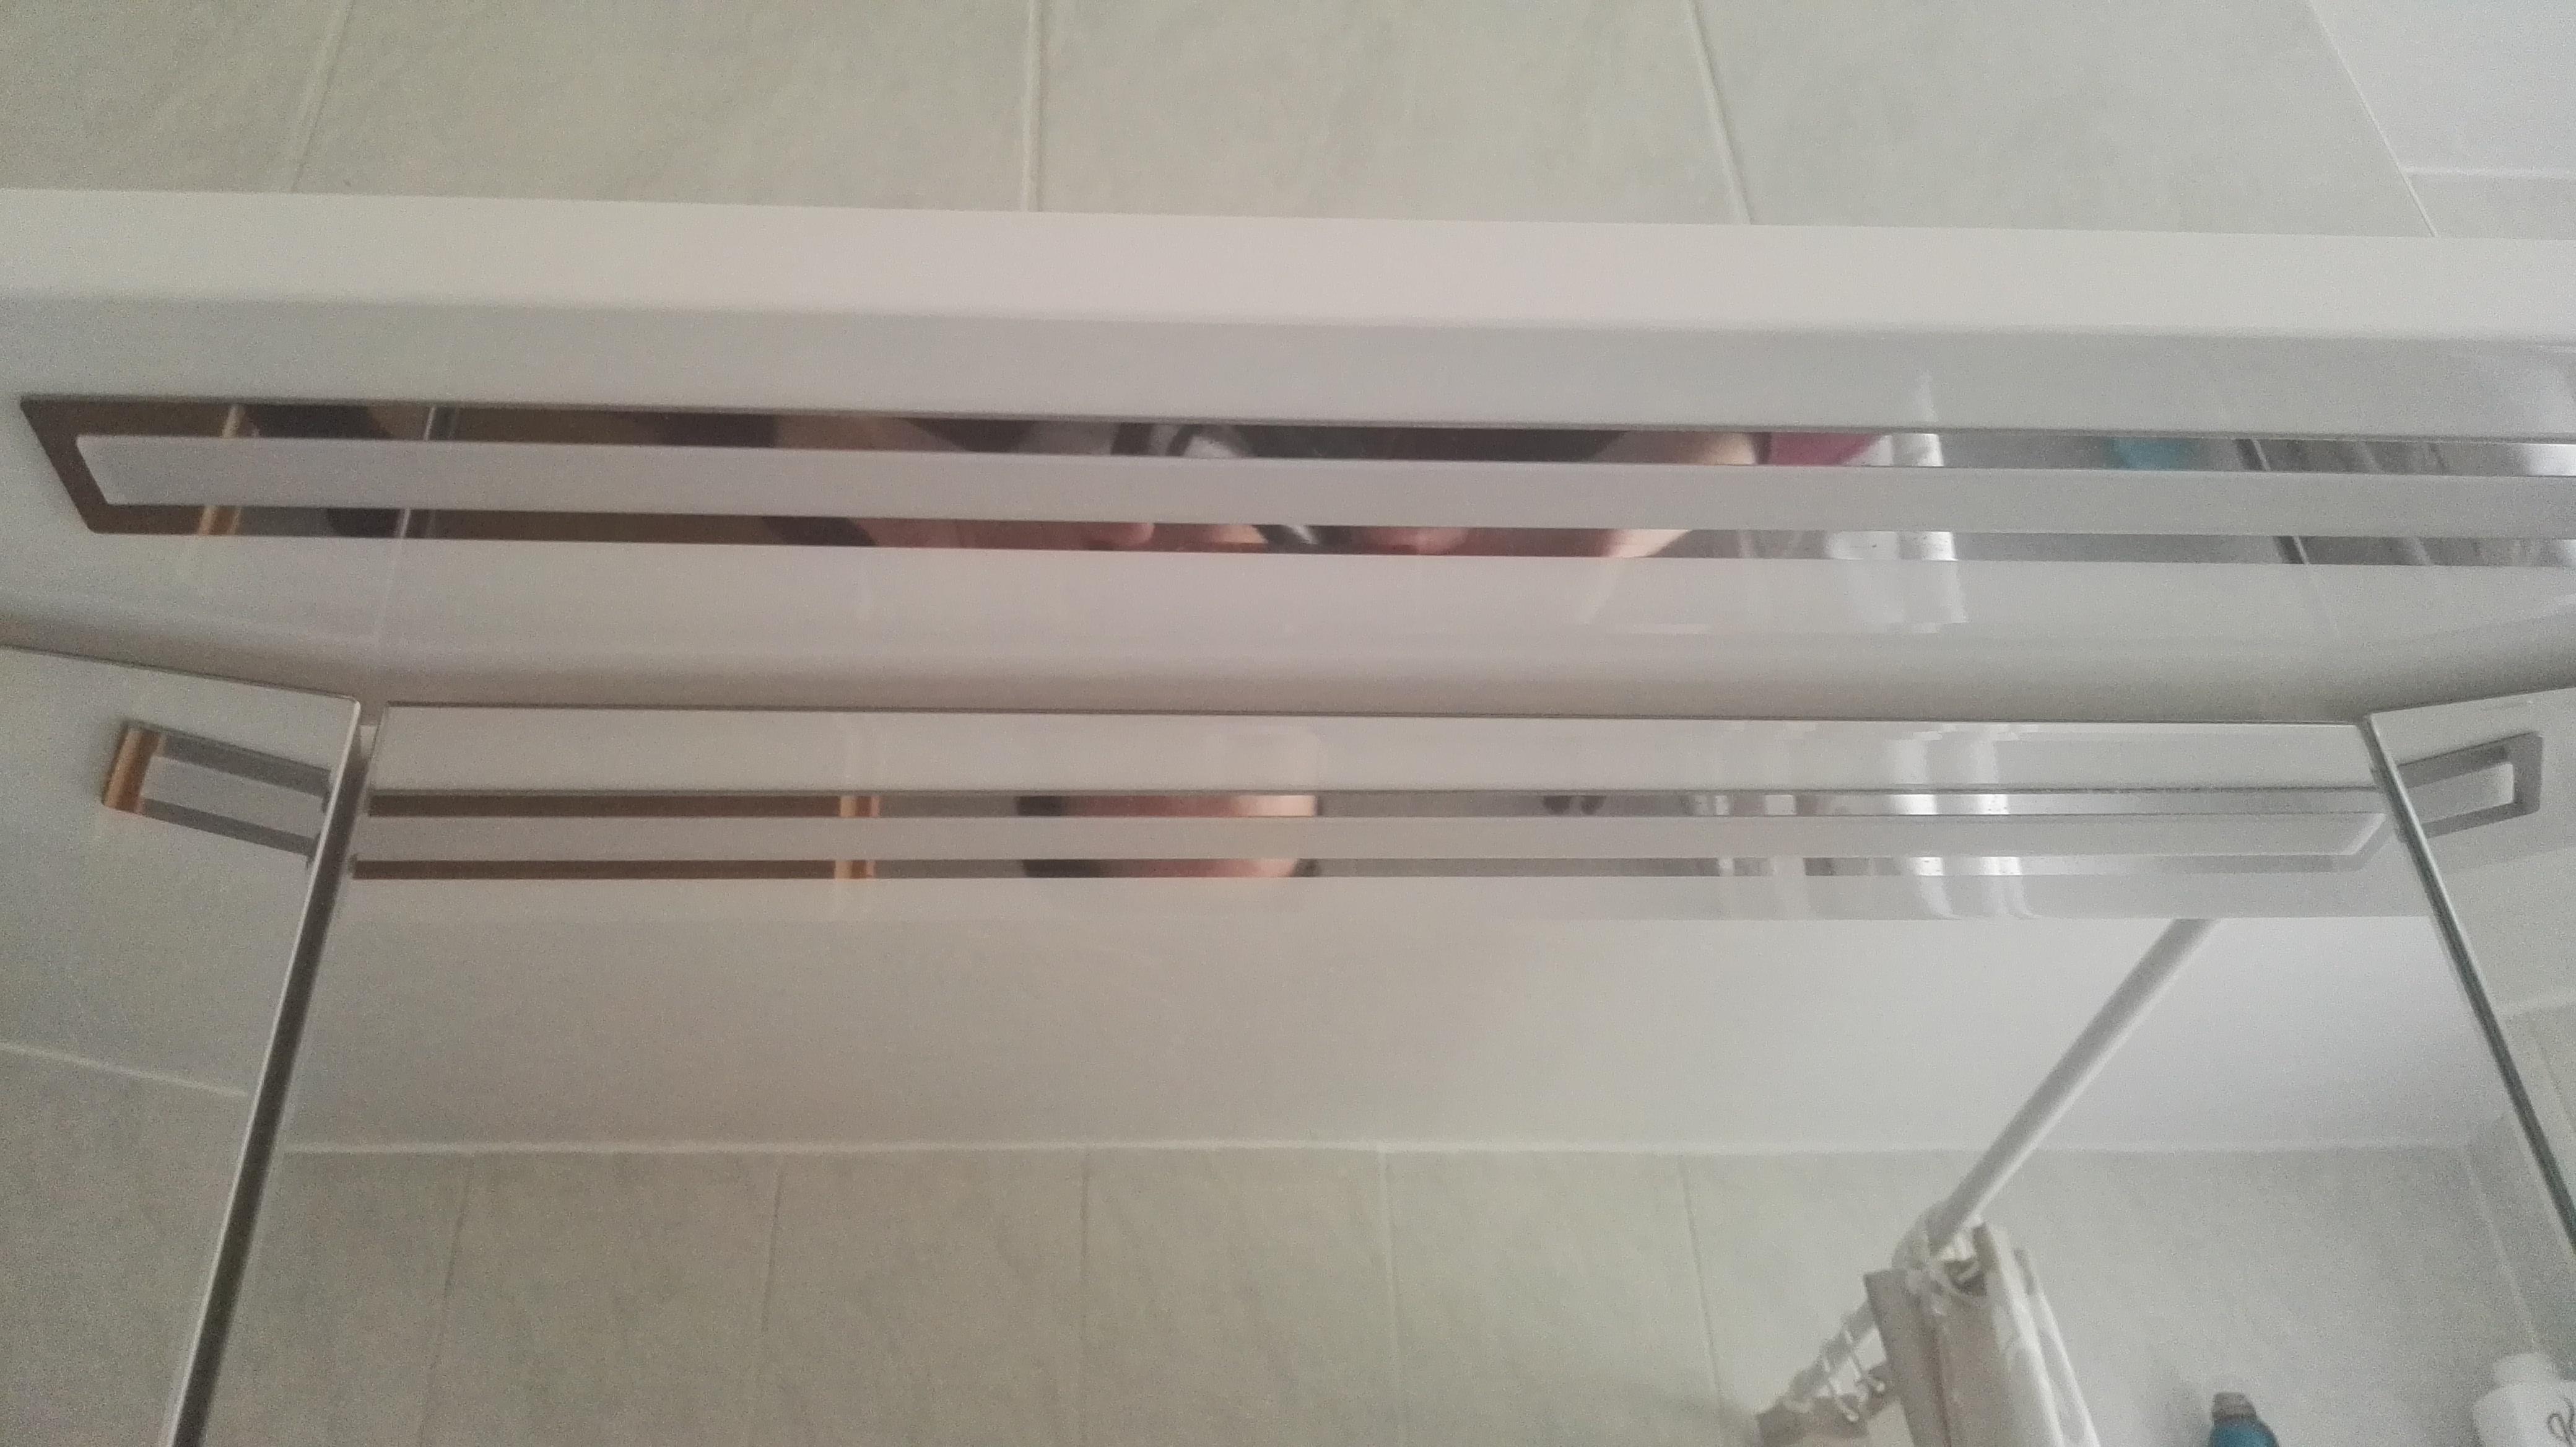 Leuchtröhre Im Spiegelschrank Austauschen Computer